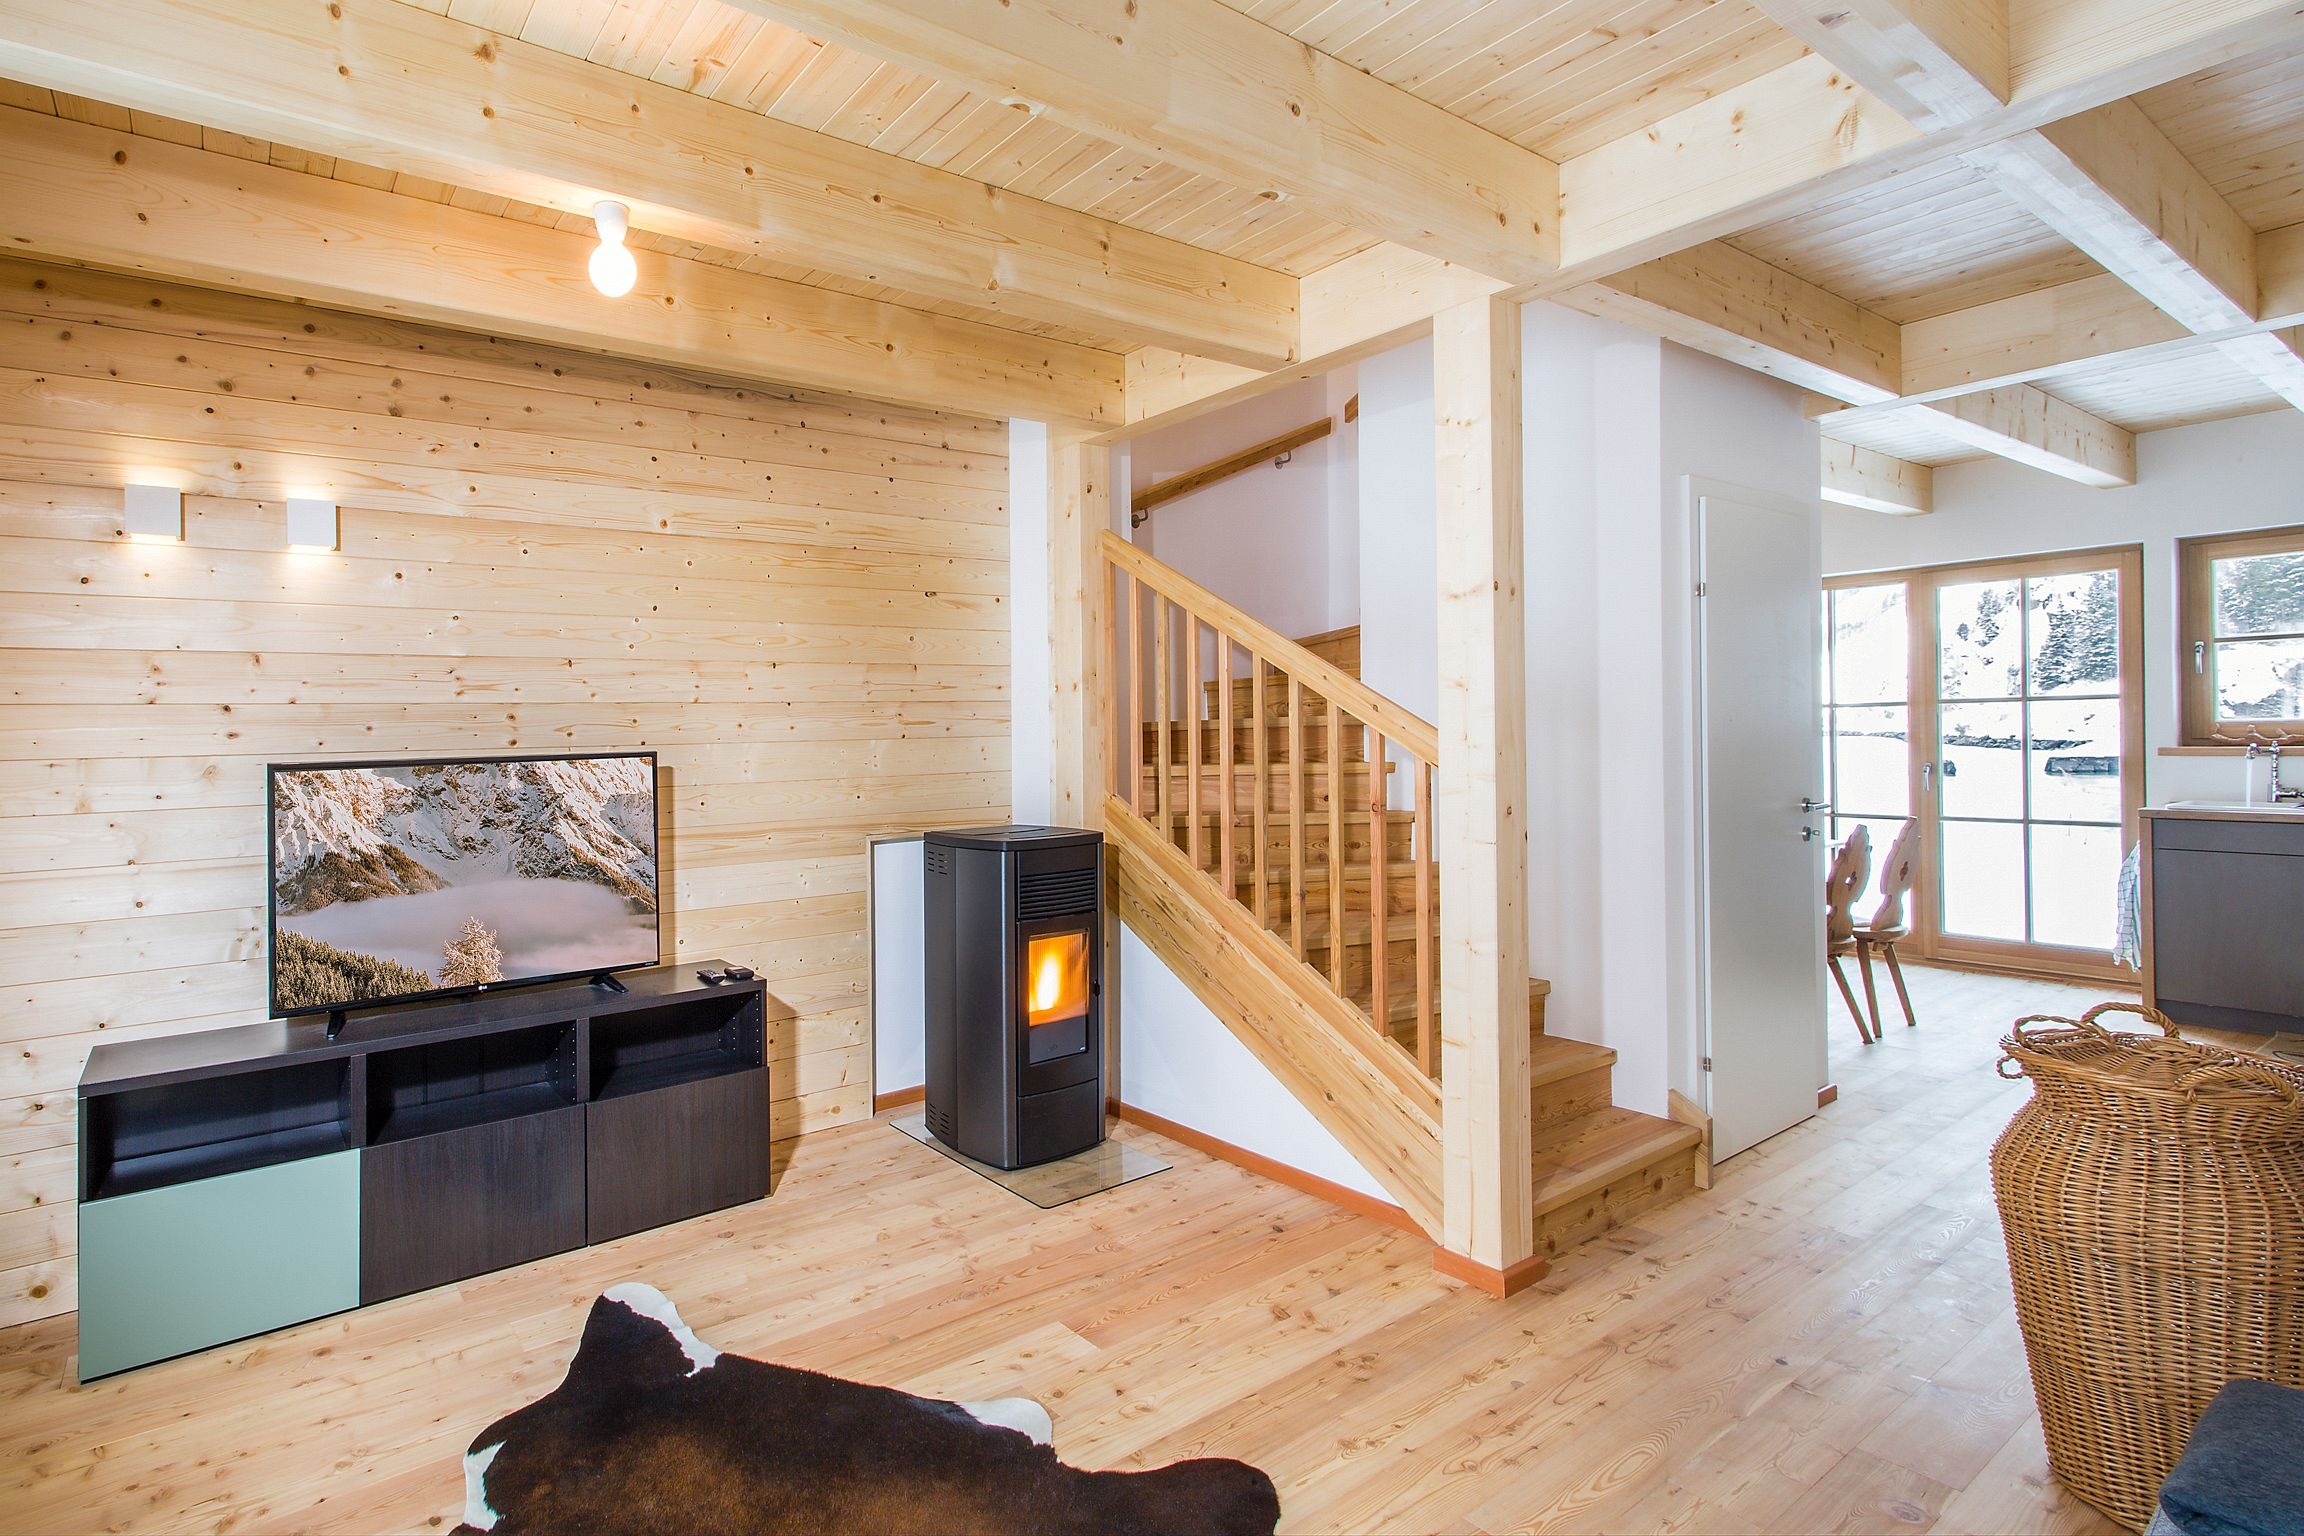 Maison de vacances Lodge Wildrose, direkt am Skilift für 6-8 (2050392), Uttendorf, Pinzgau, Salzbourg, Autriche, image 34